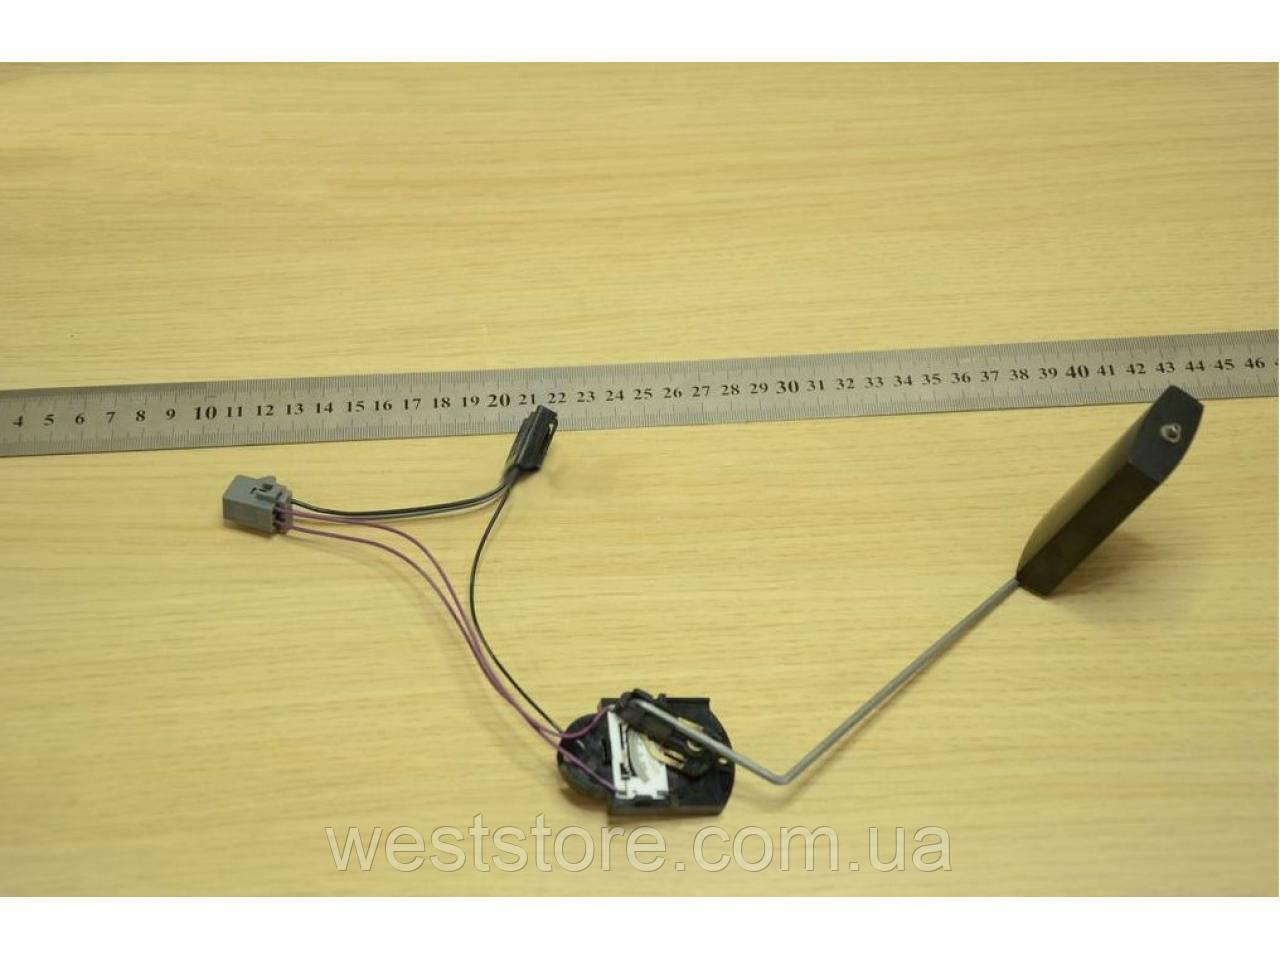 Датчик бензобака Ваз 21214 нива тайга инжектор